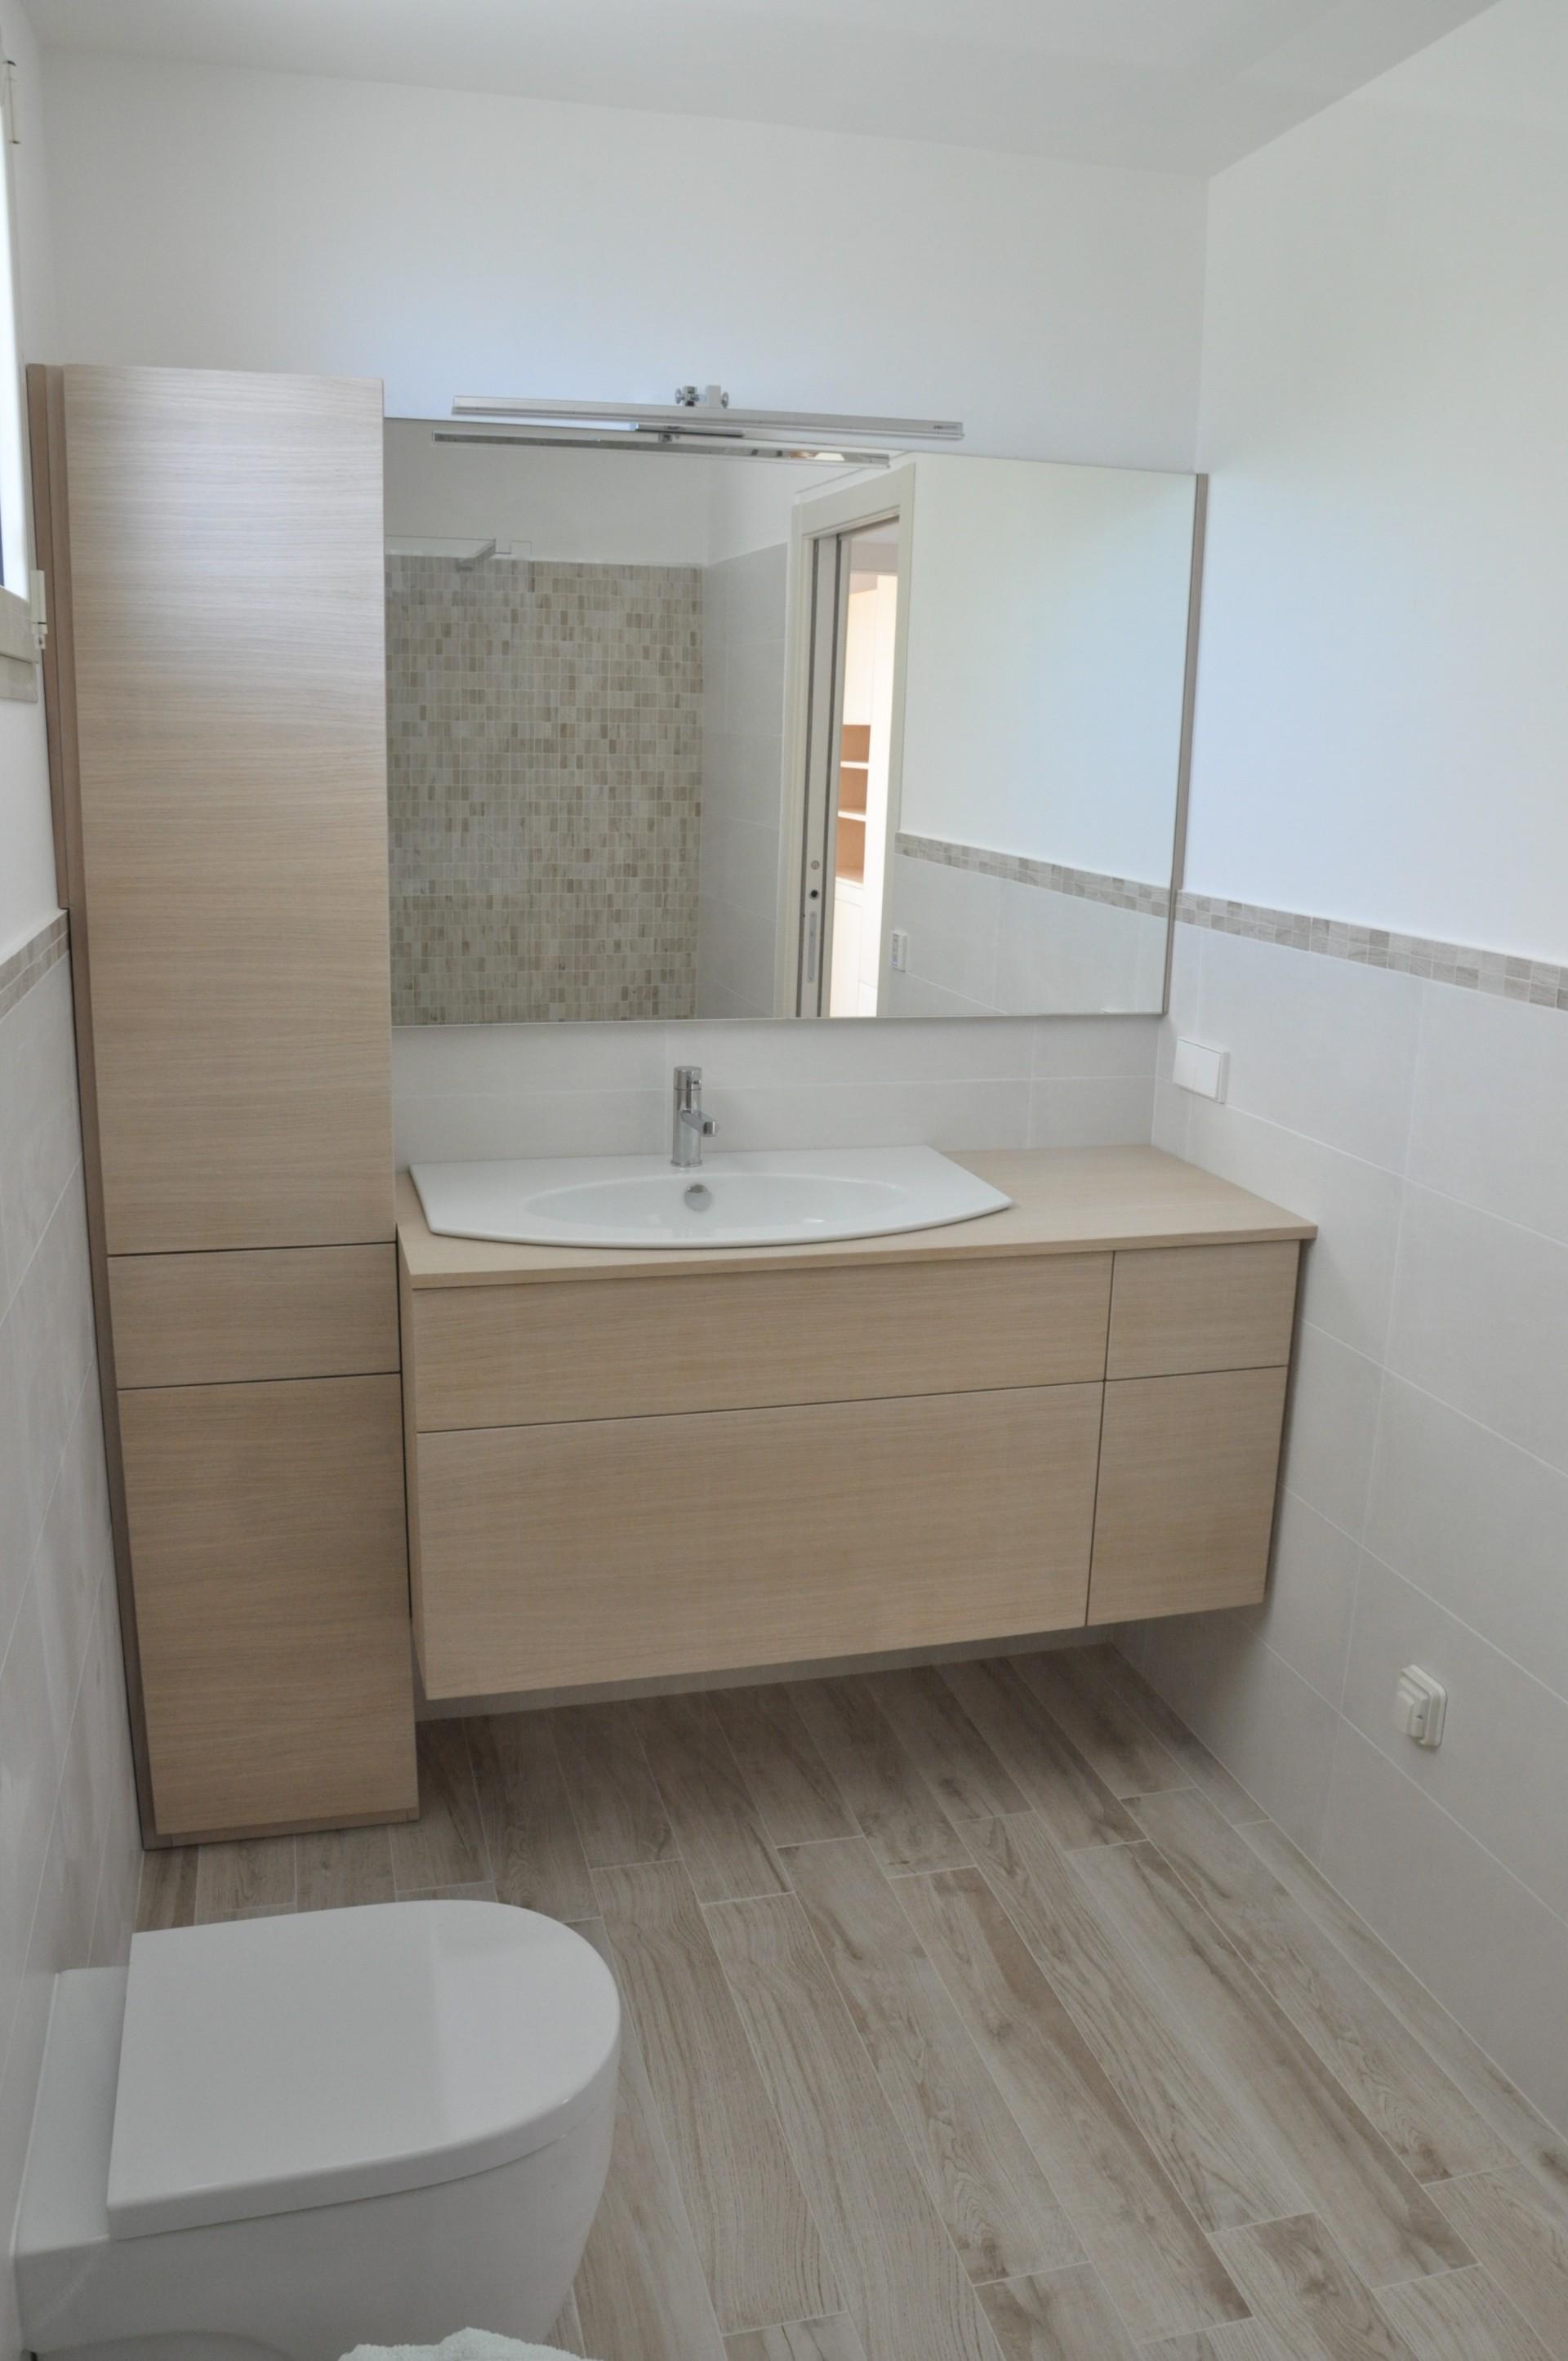 Mobili per il bagno in rovere | Fadini Mobili Cerea Verona